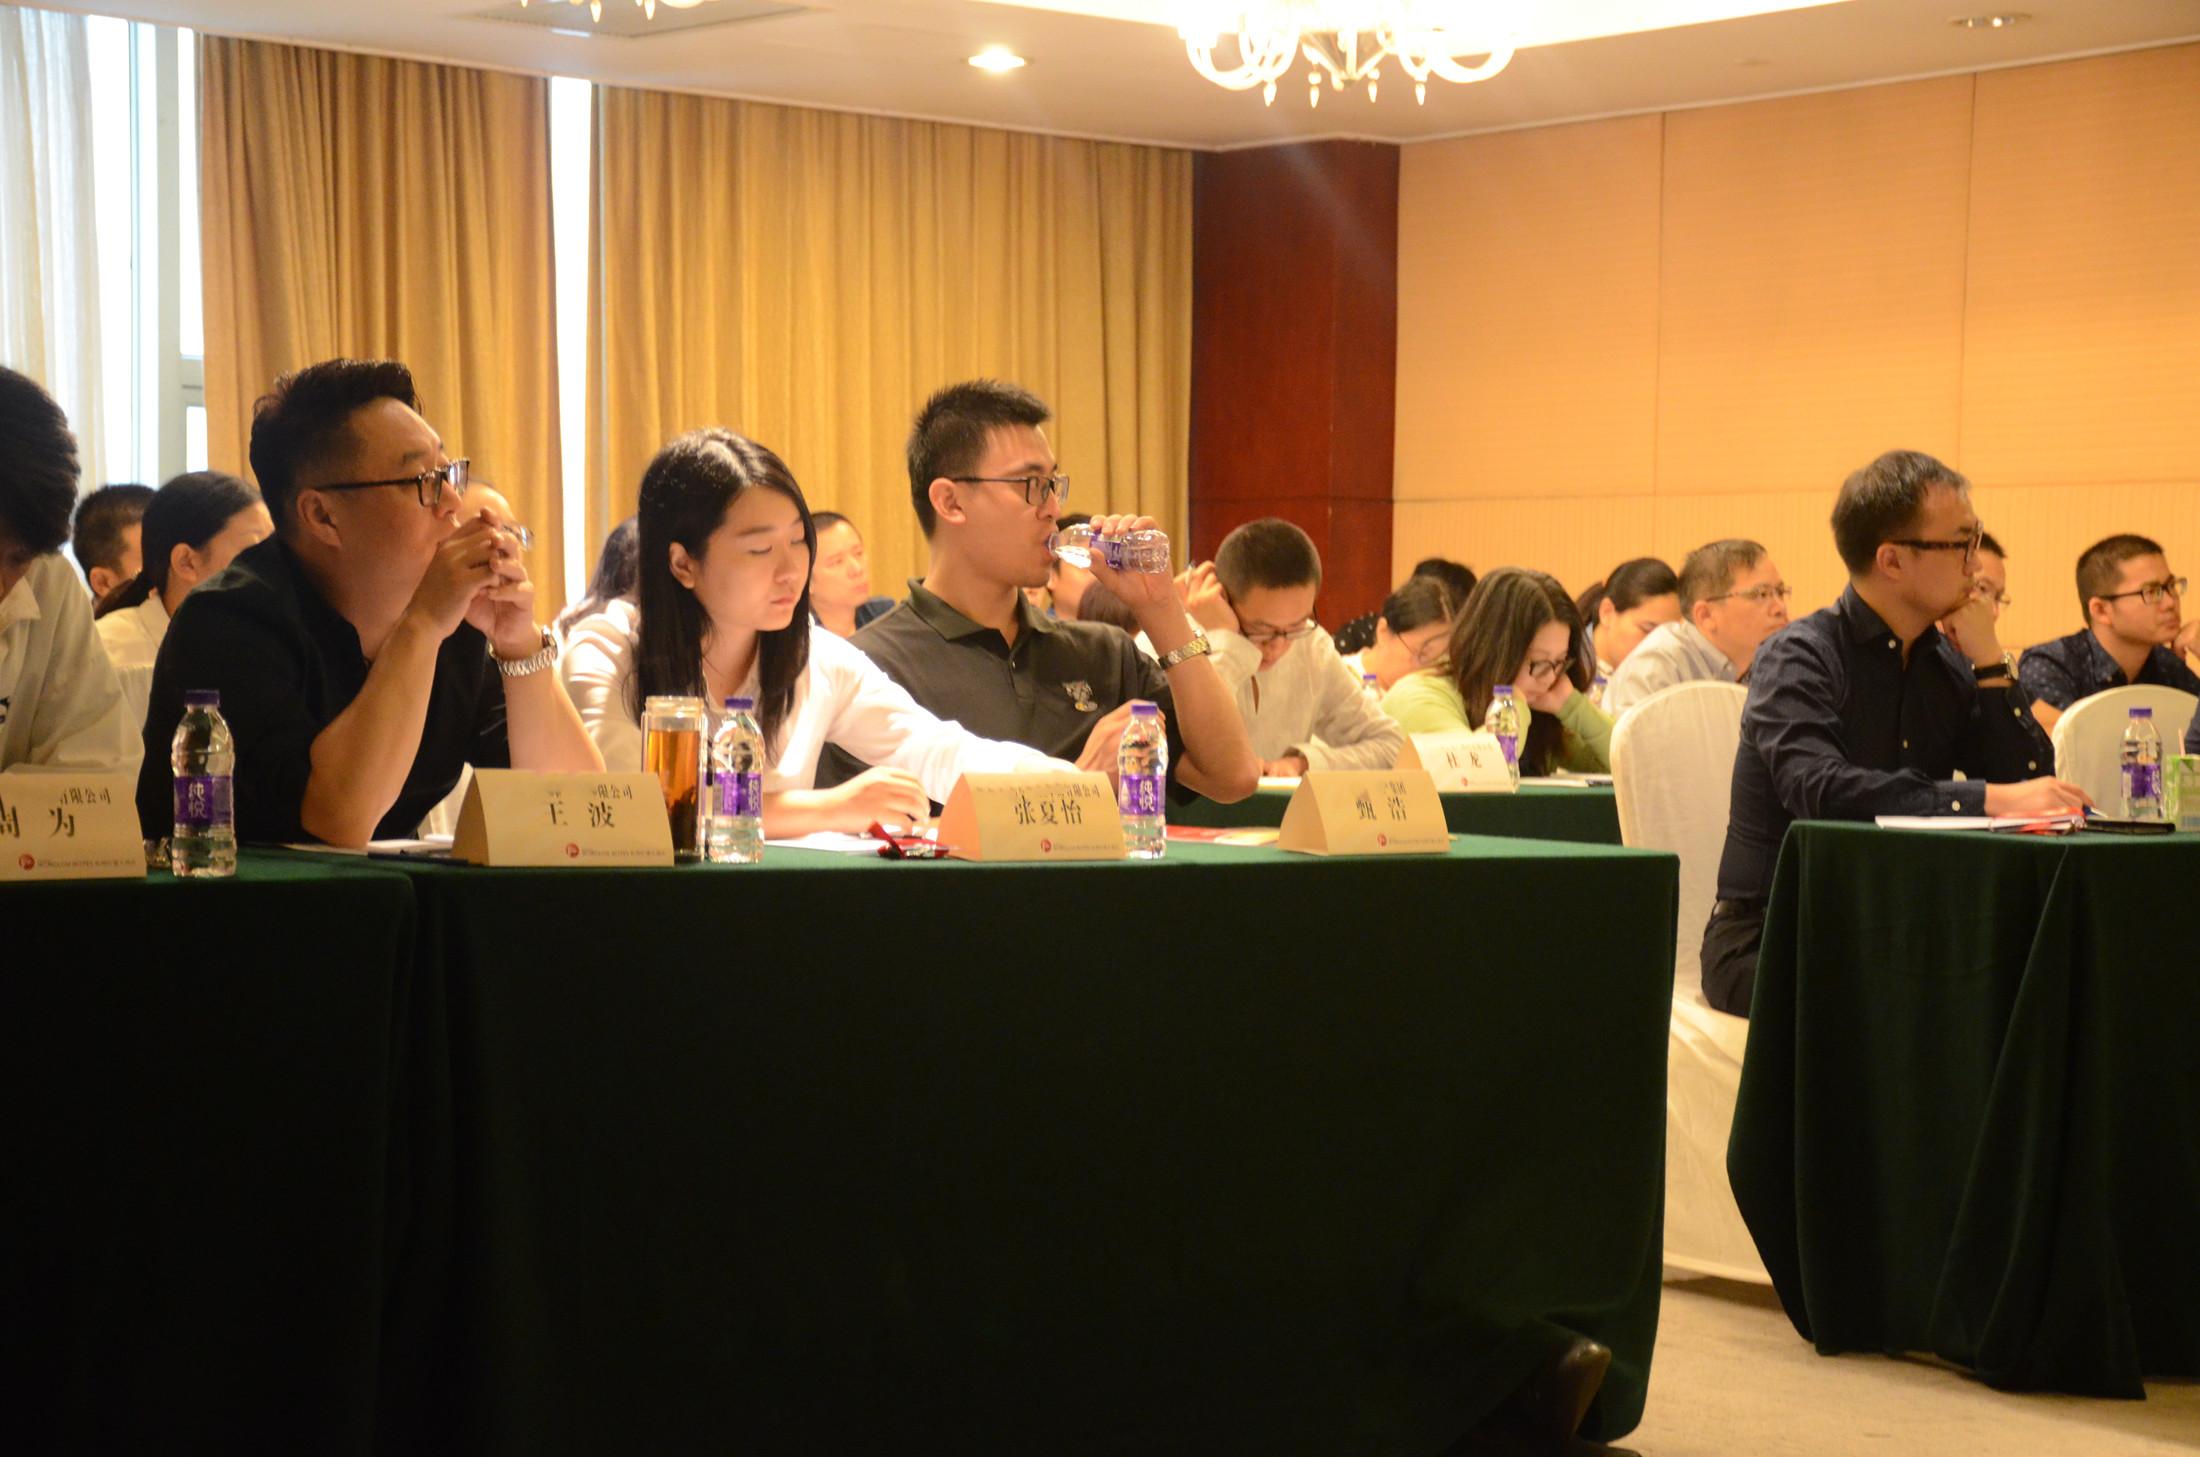 中房商学院为甘肃某地产公司成功实施《经营与计划运营》内训